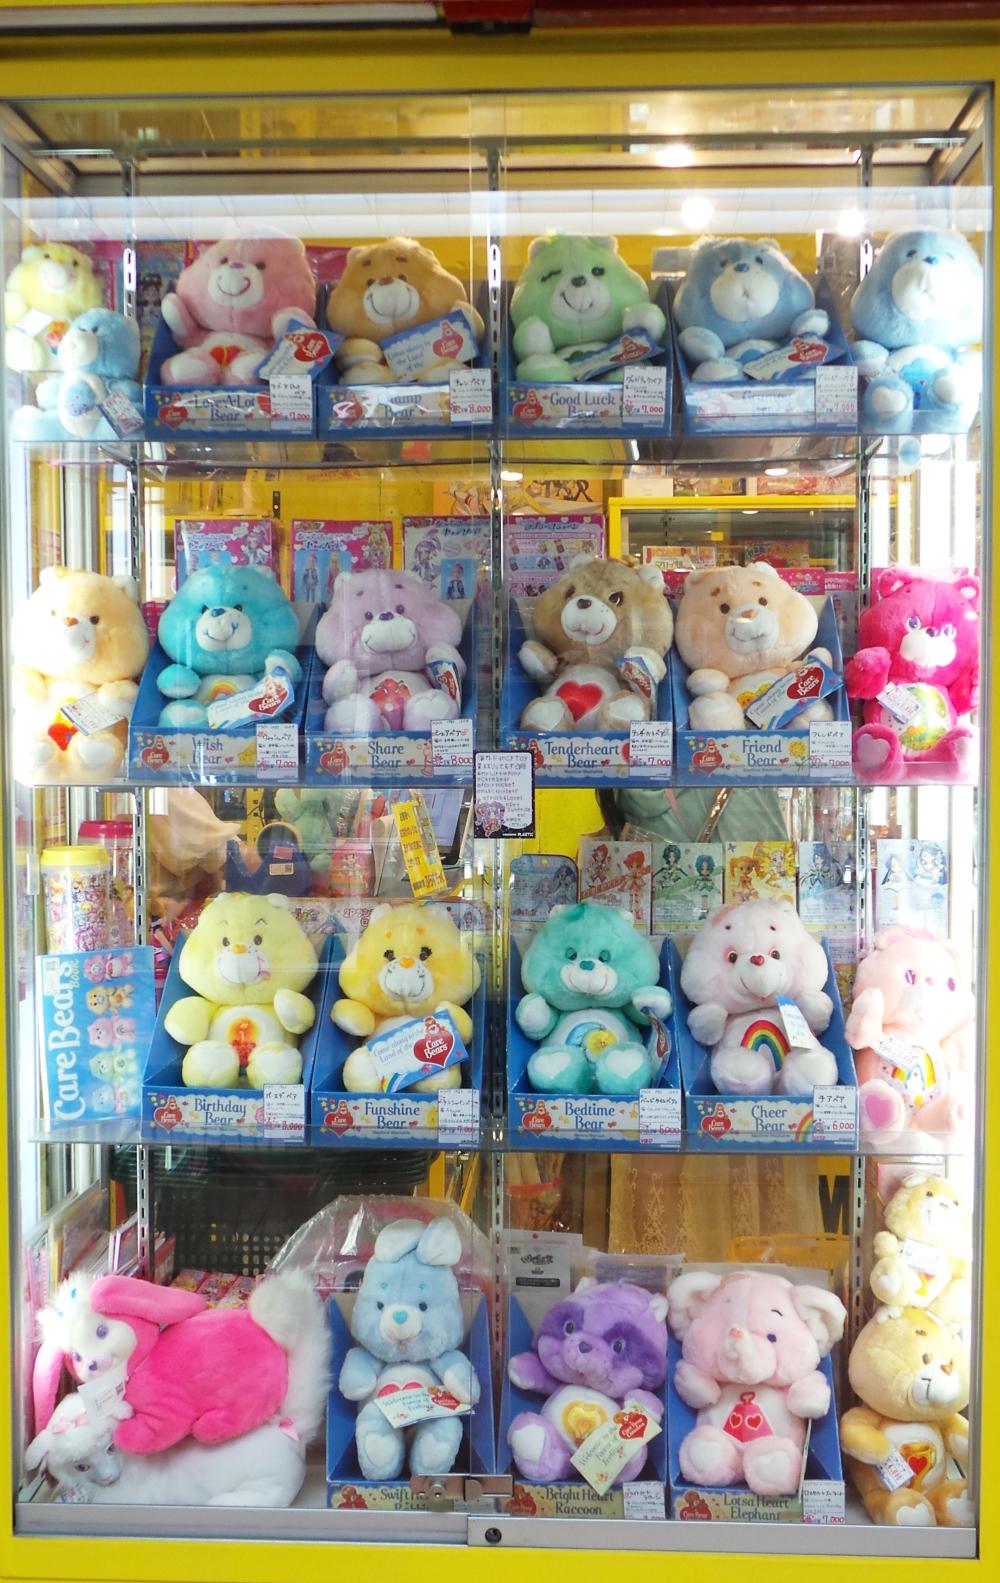 Jouets de collection à Nakano Broadway, un centre commercial insolite